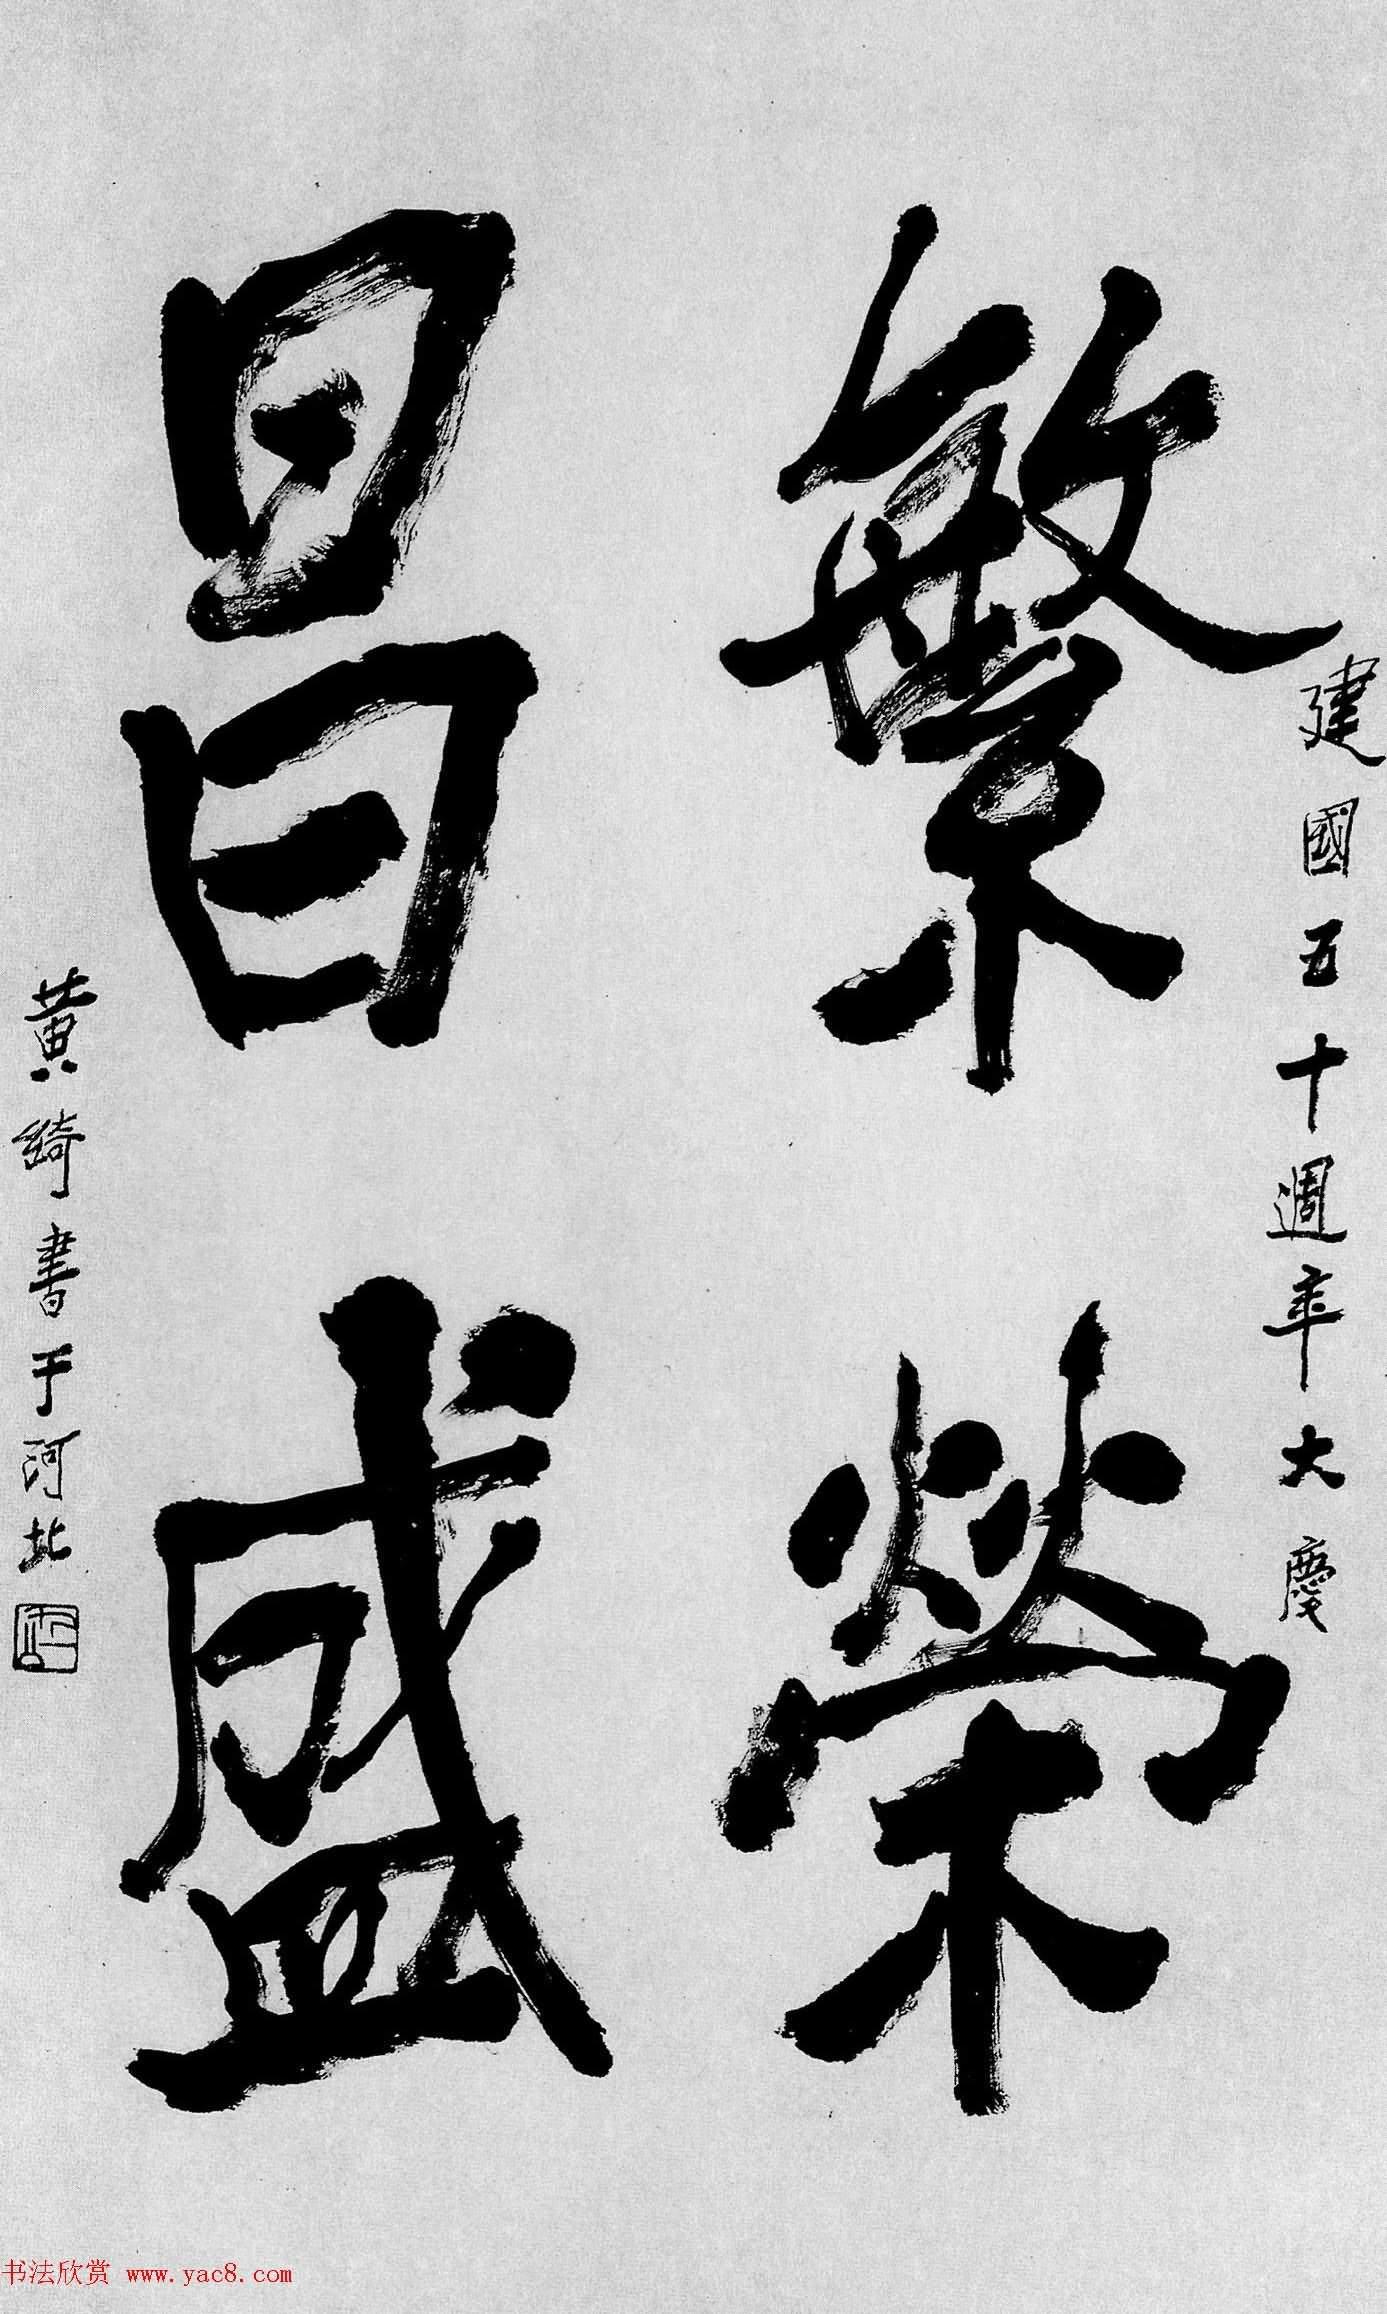 全國第七屆書法篆刻展特邀作品真跡欣賞(共27張圖片)